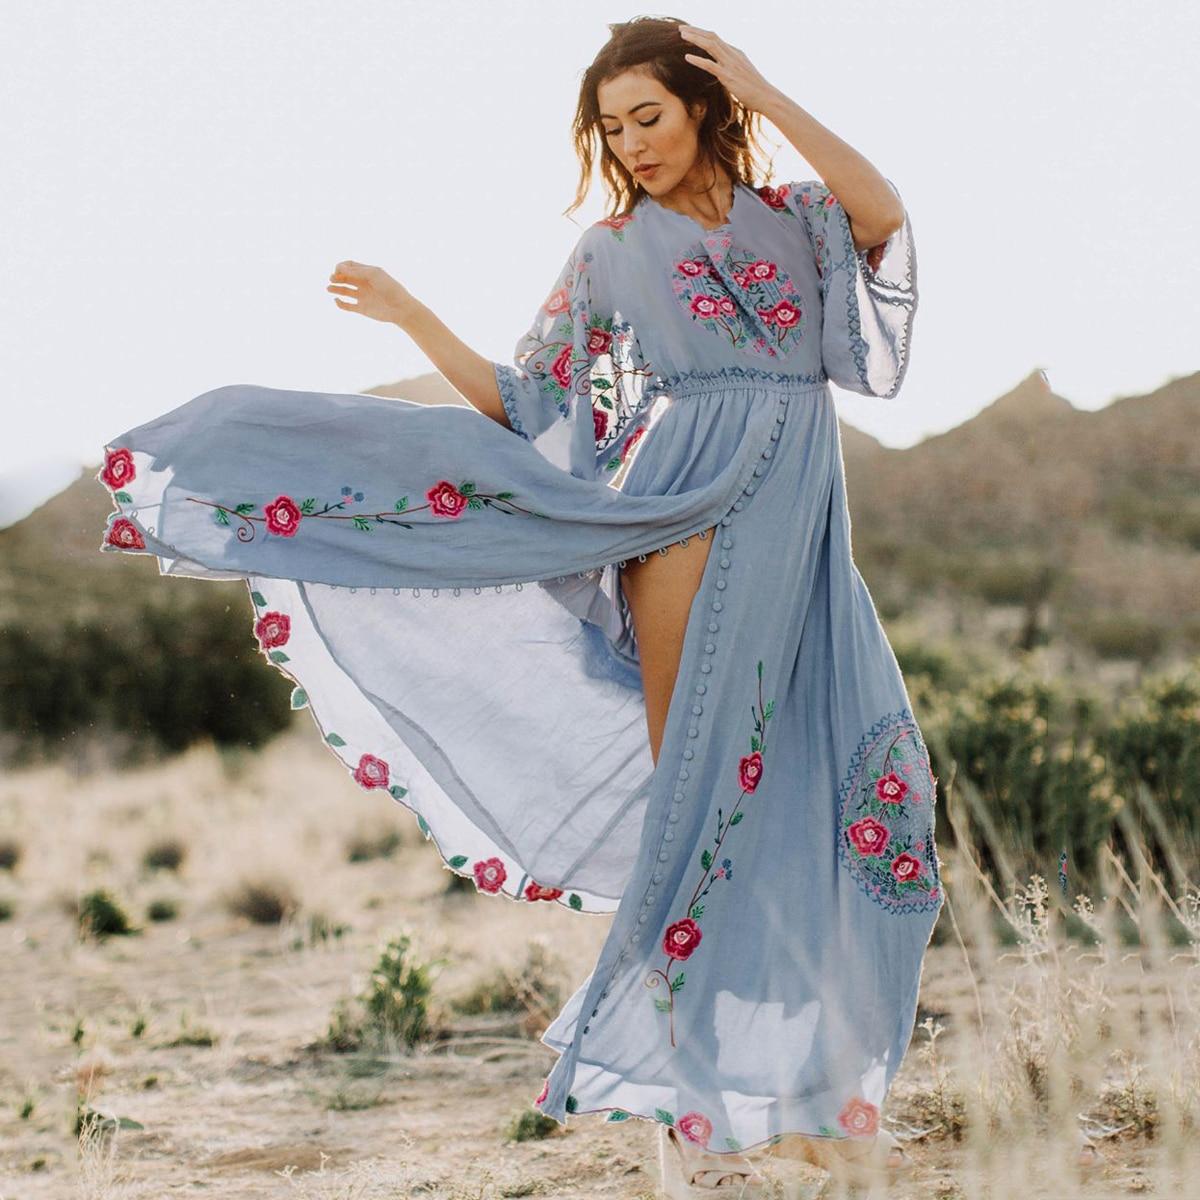 Jastie Boho Chic robe brodée o-cou manches chauve-souris lâche femmes robes décontracté plage Maxi robe 2019 robes d'été Vestido